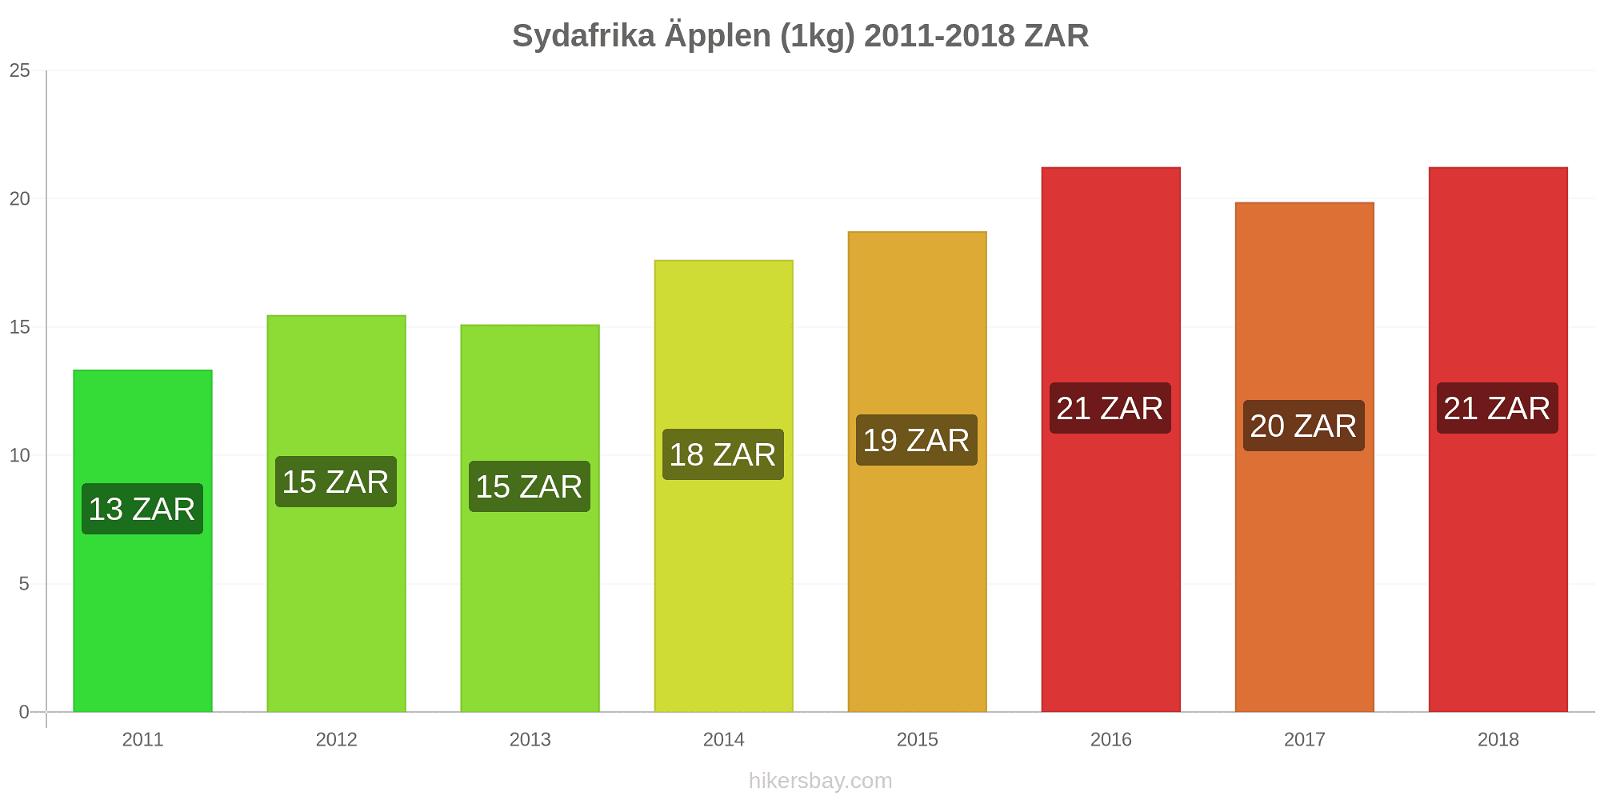 Sydafrika prisförändringar Äpplen (1kg) hikersbay.com